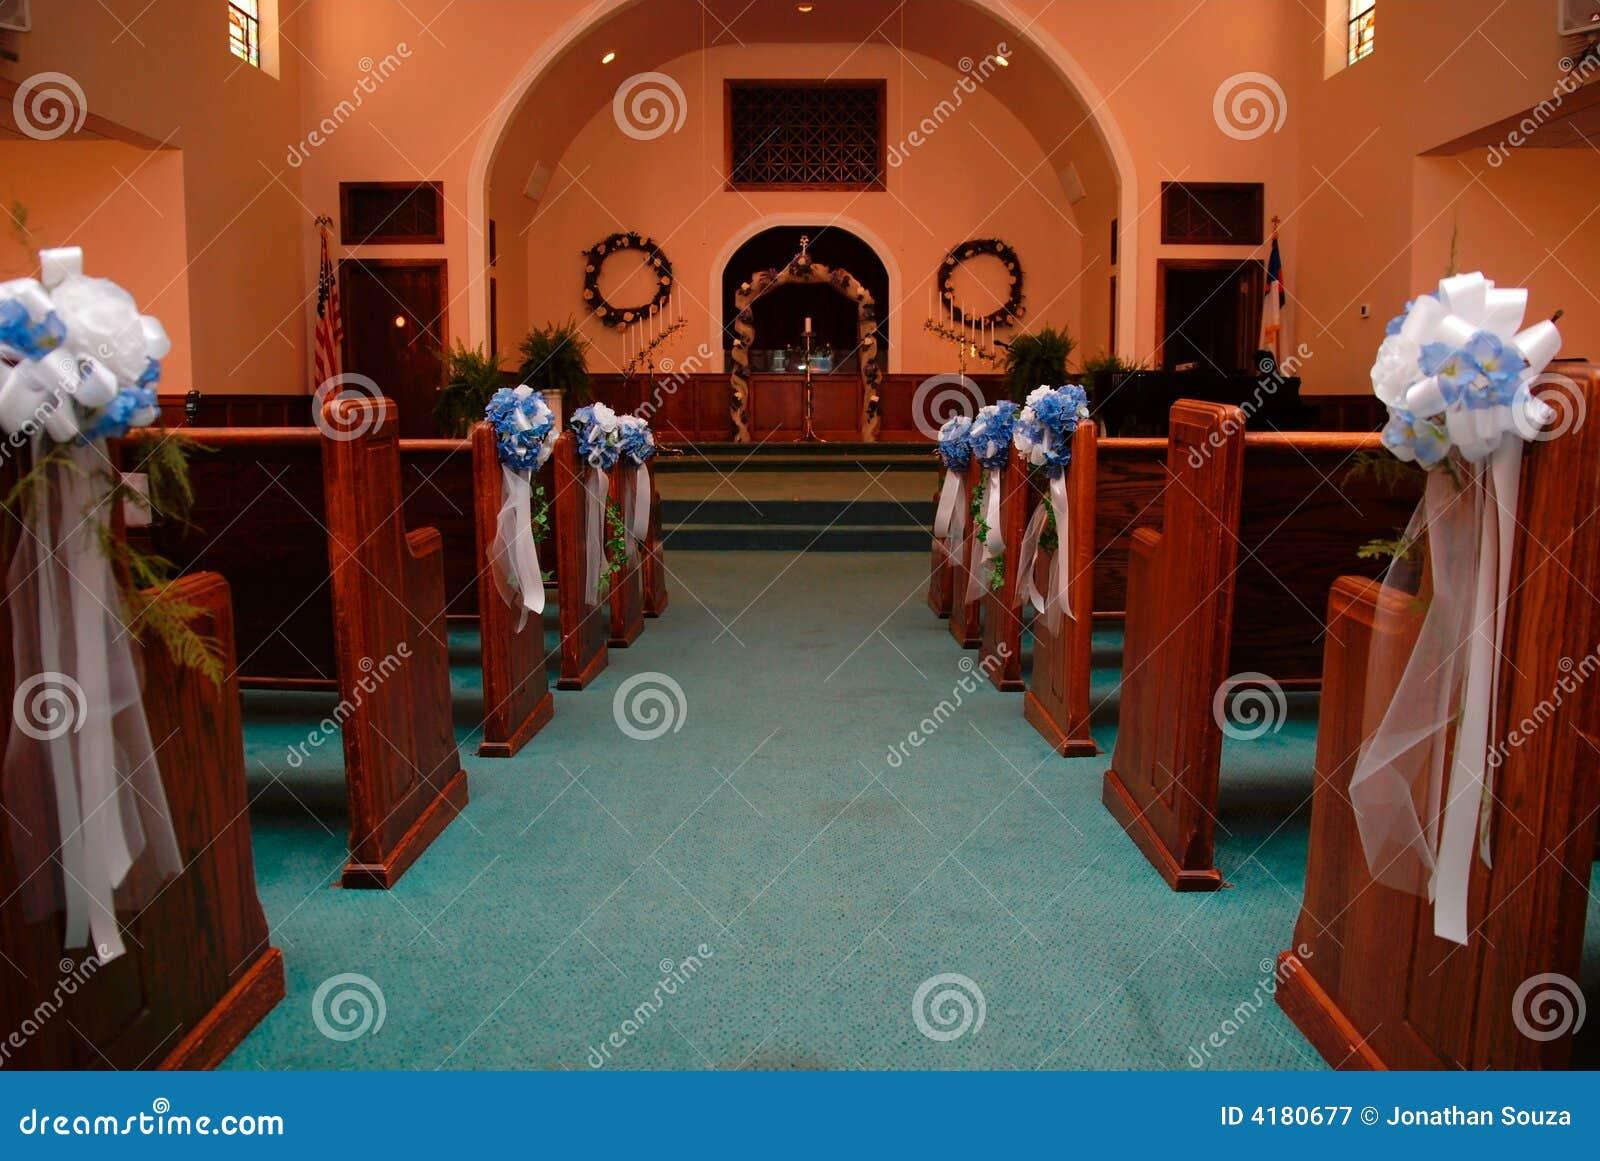 Pasillo de la iglesia para la boda